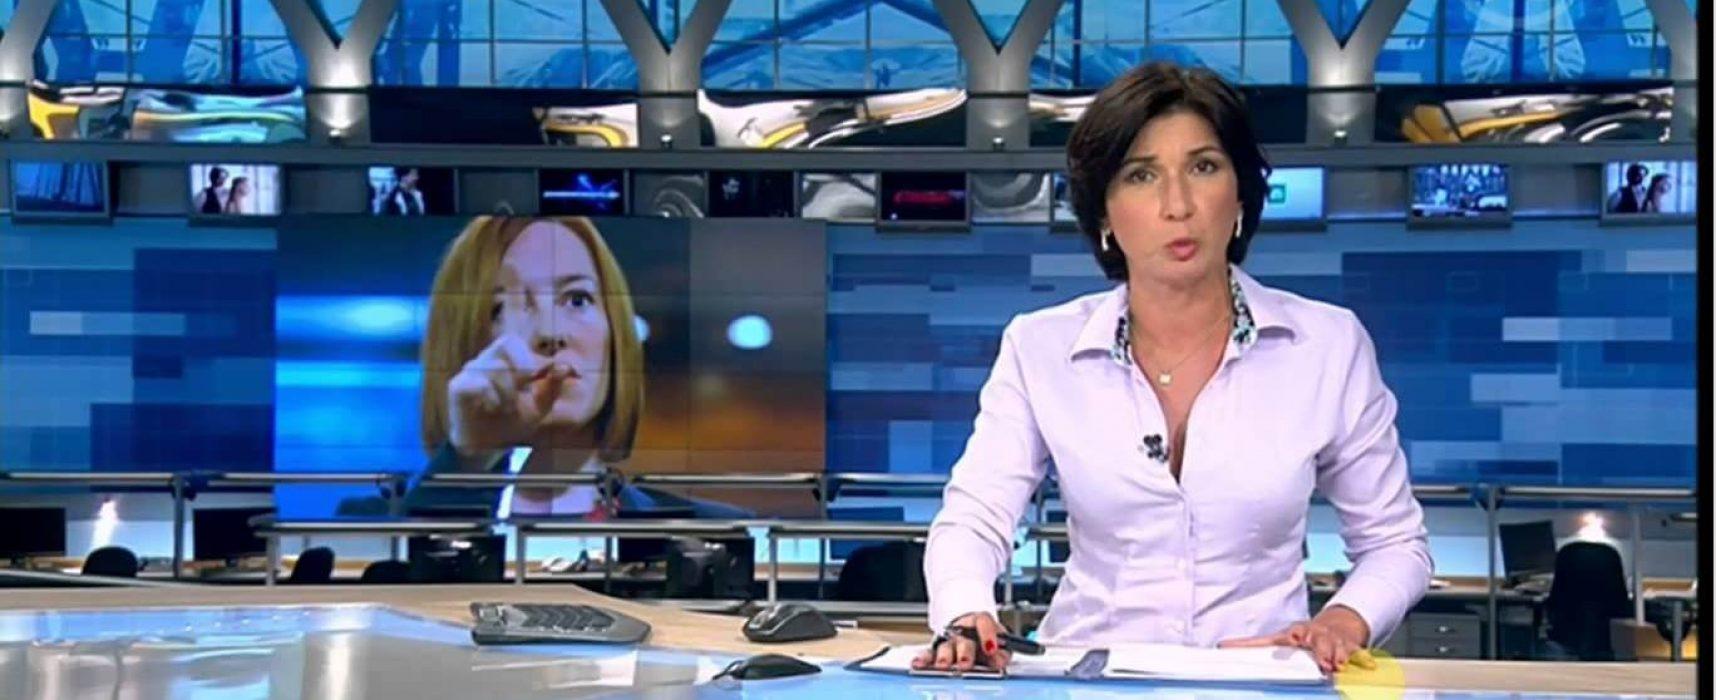 В Молдову не пустили любимую журналистку Путина, которая летела к Додону